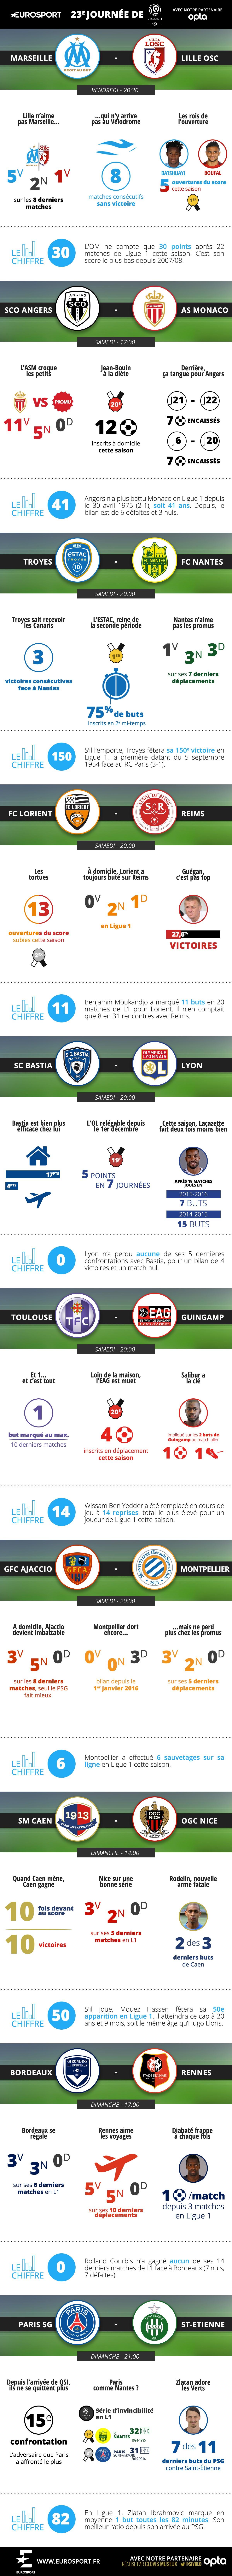 L1 Stats - 23ème journée - Tous les matches